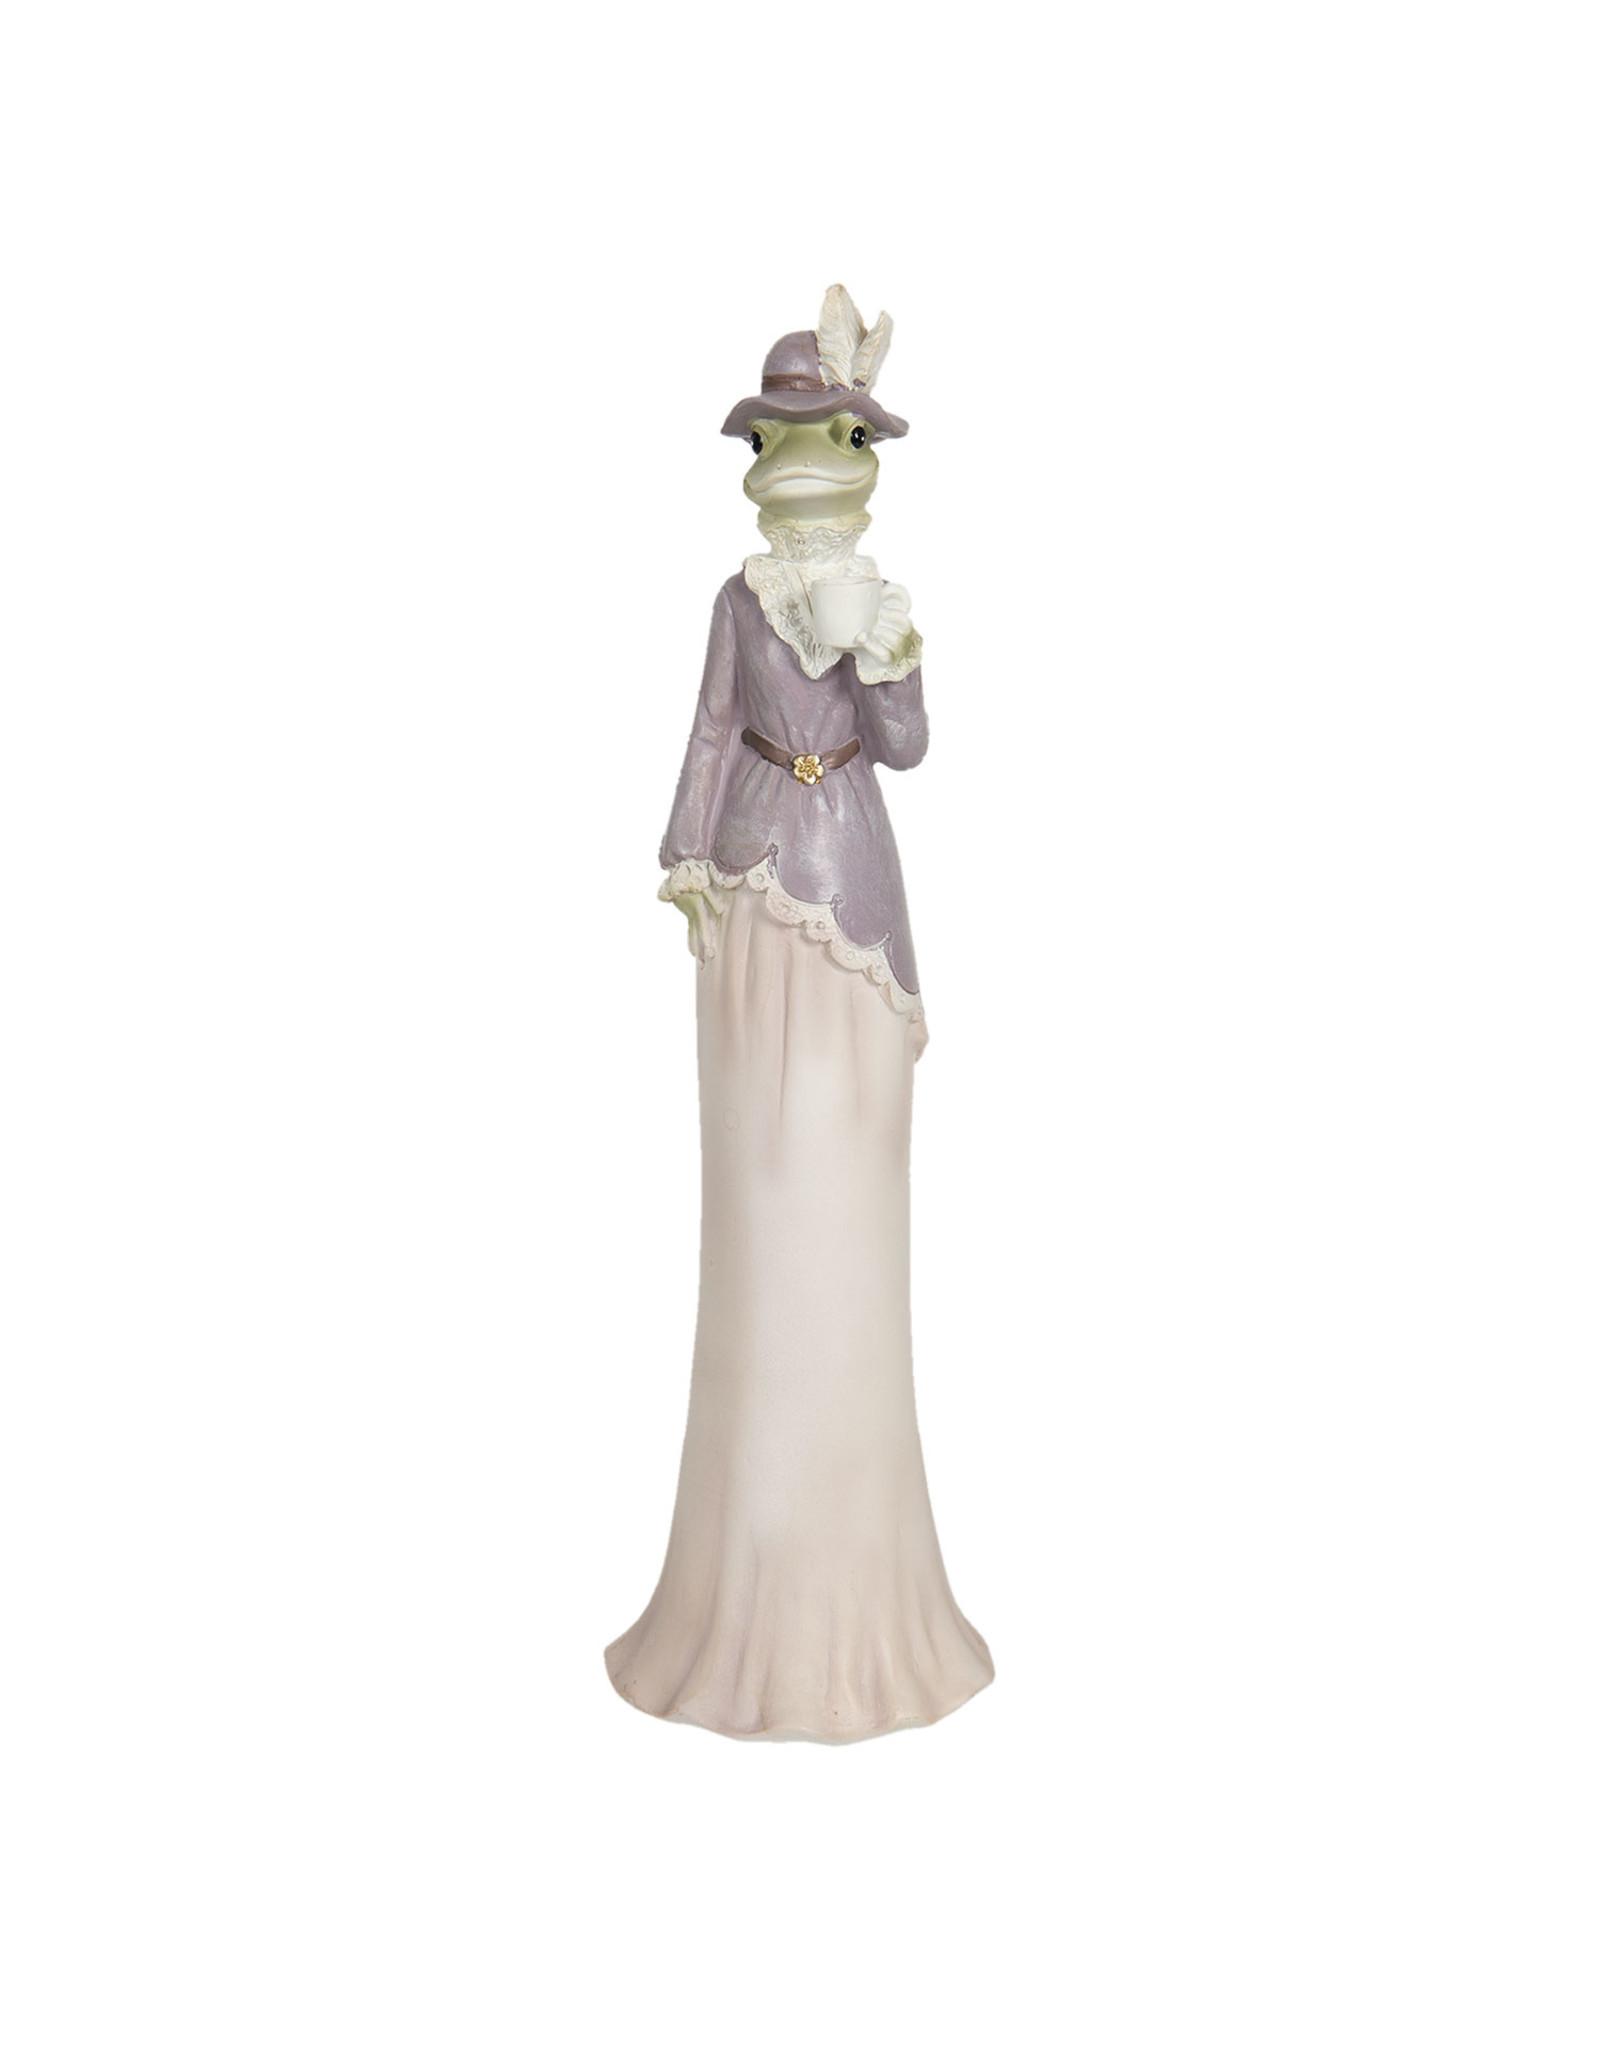 Trukado Giftware Beelden Collectables  - Kikker dame beeld 32cm